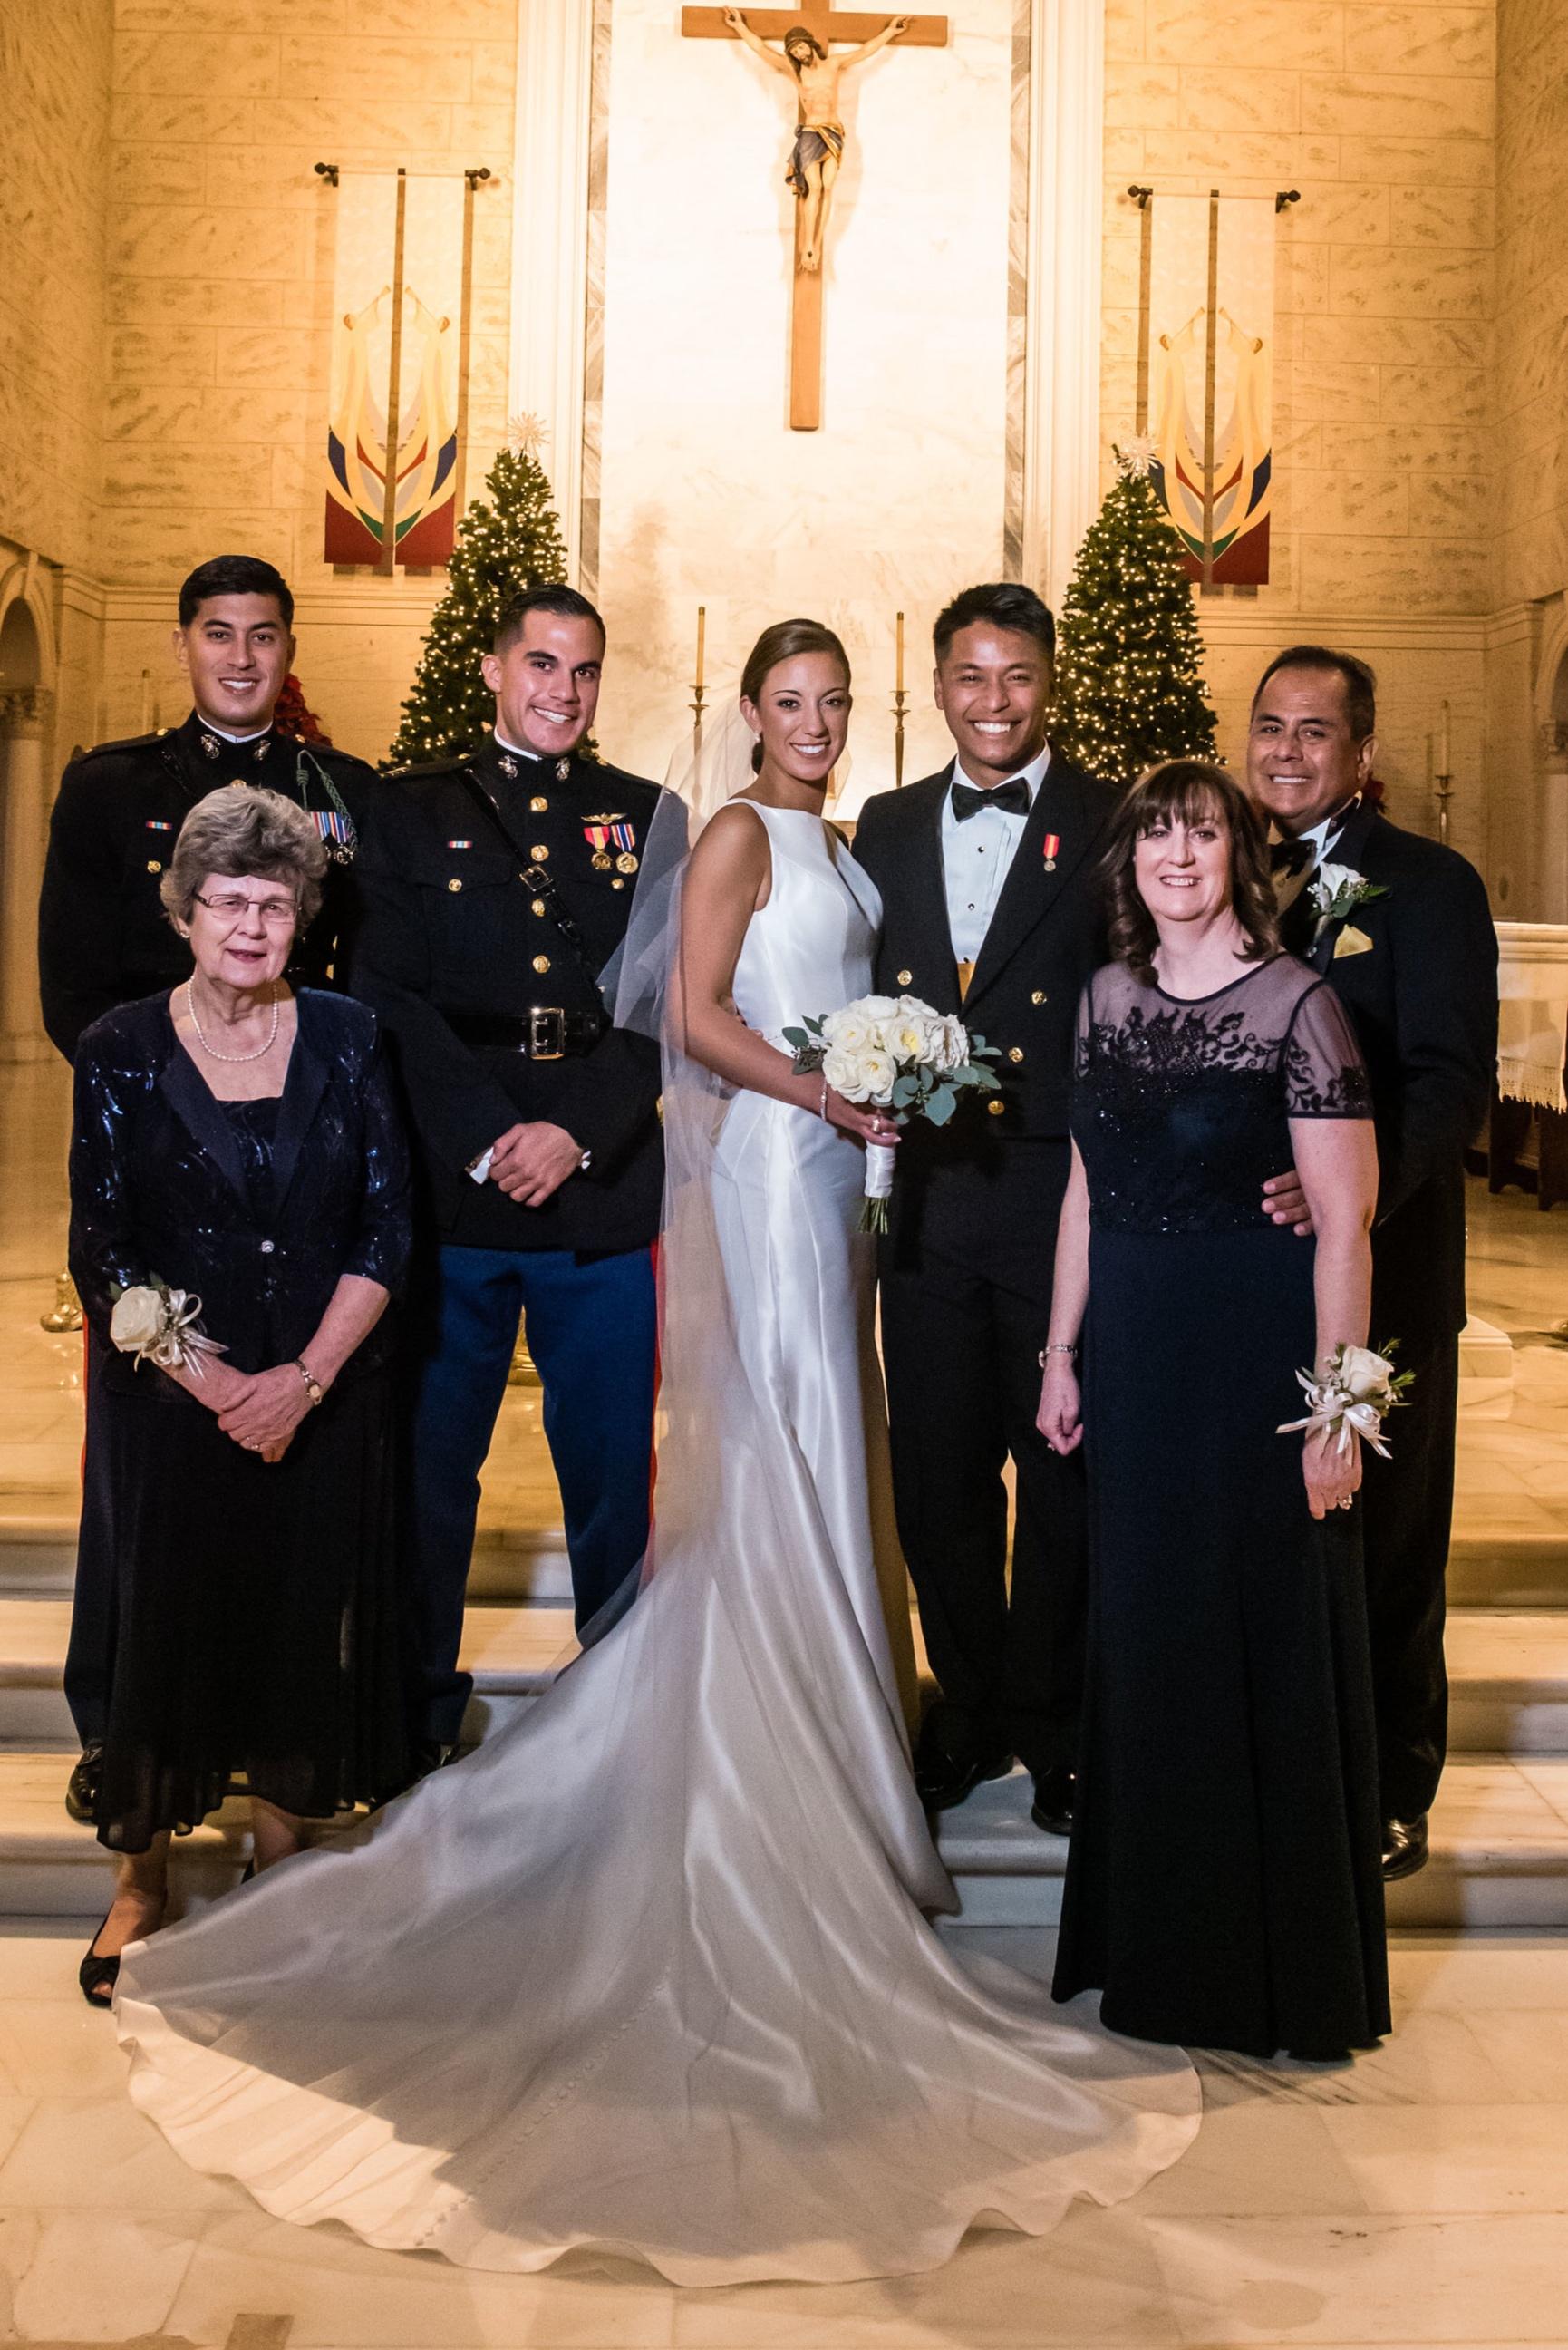 Martinez+Family+-+Jessica%27s+wedding+2.jpg